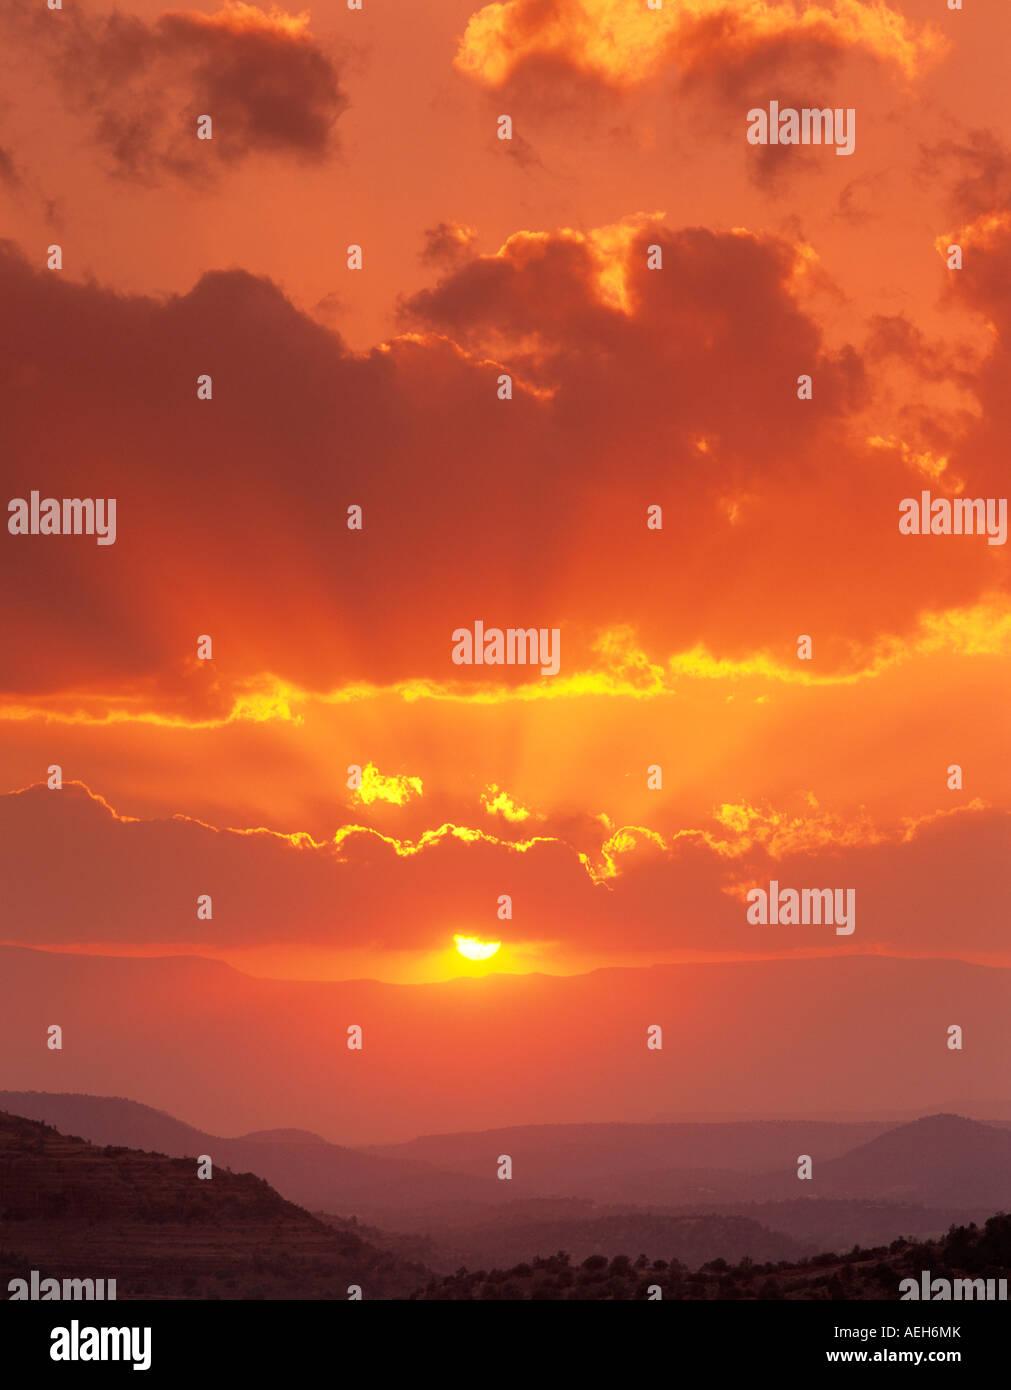 Nuvole al tramonto con raggi di sole vicino a Sedona in Arizona Immagini Stock